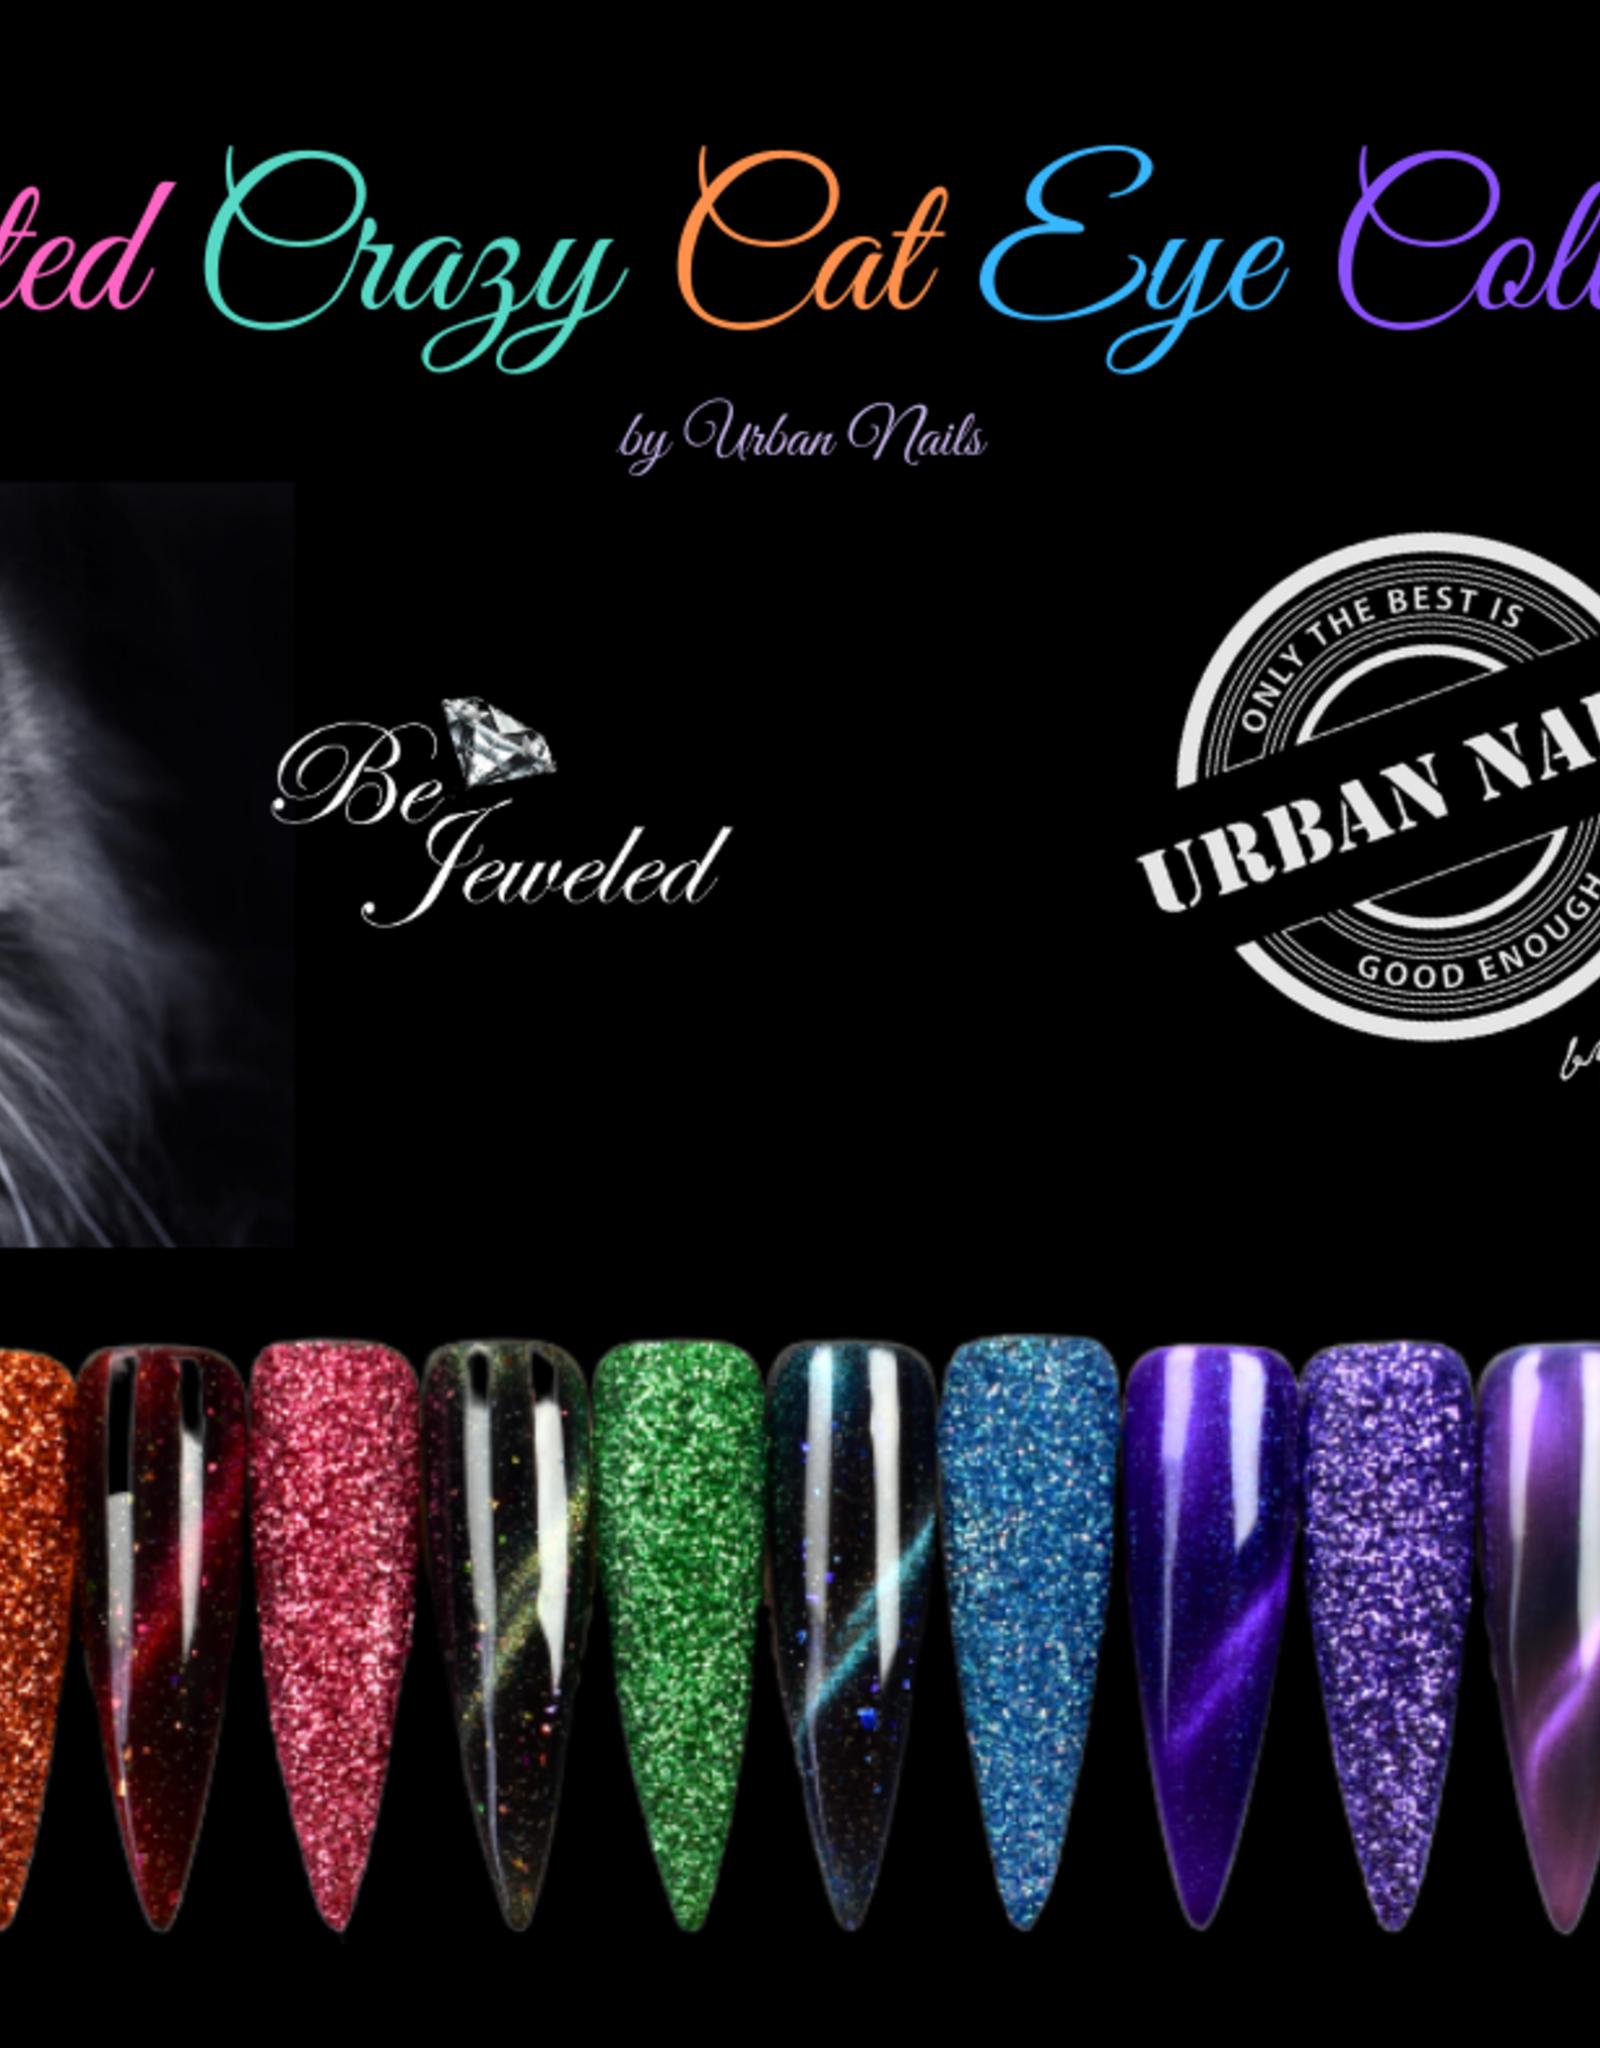 Urban Nails Limited Crazy Cat Eye Gel Polish